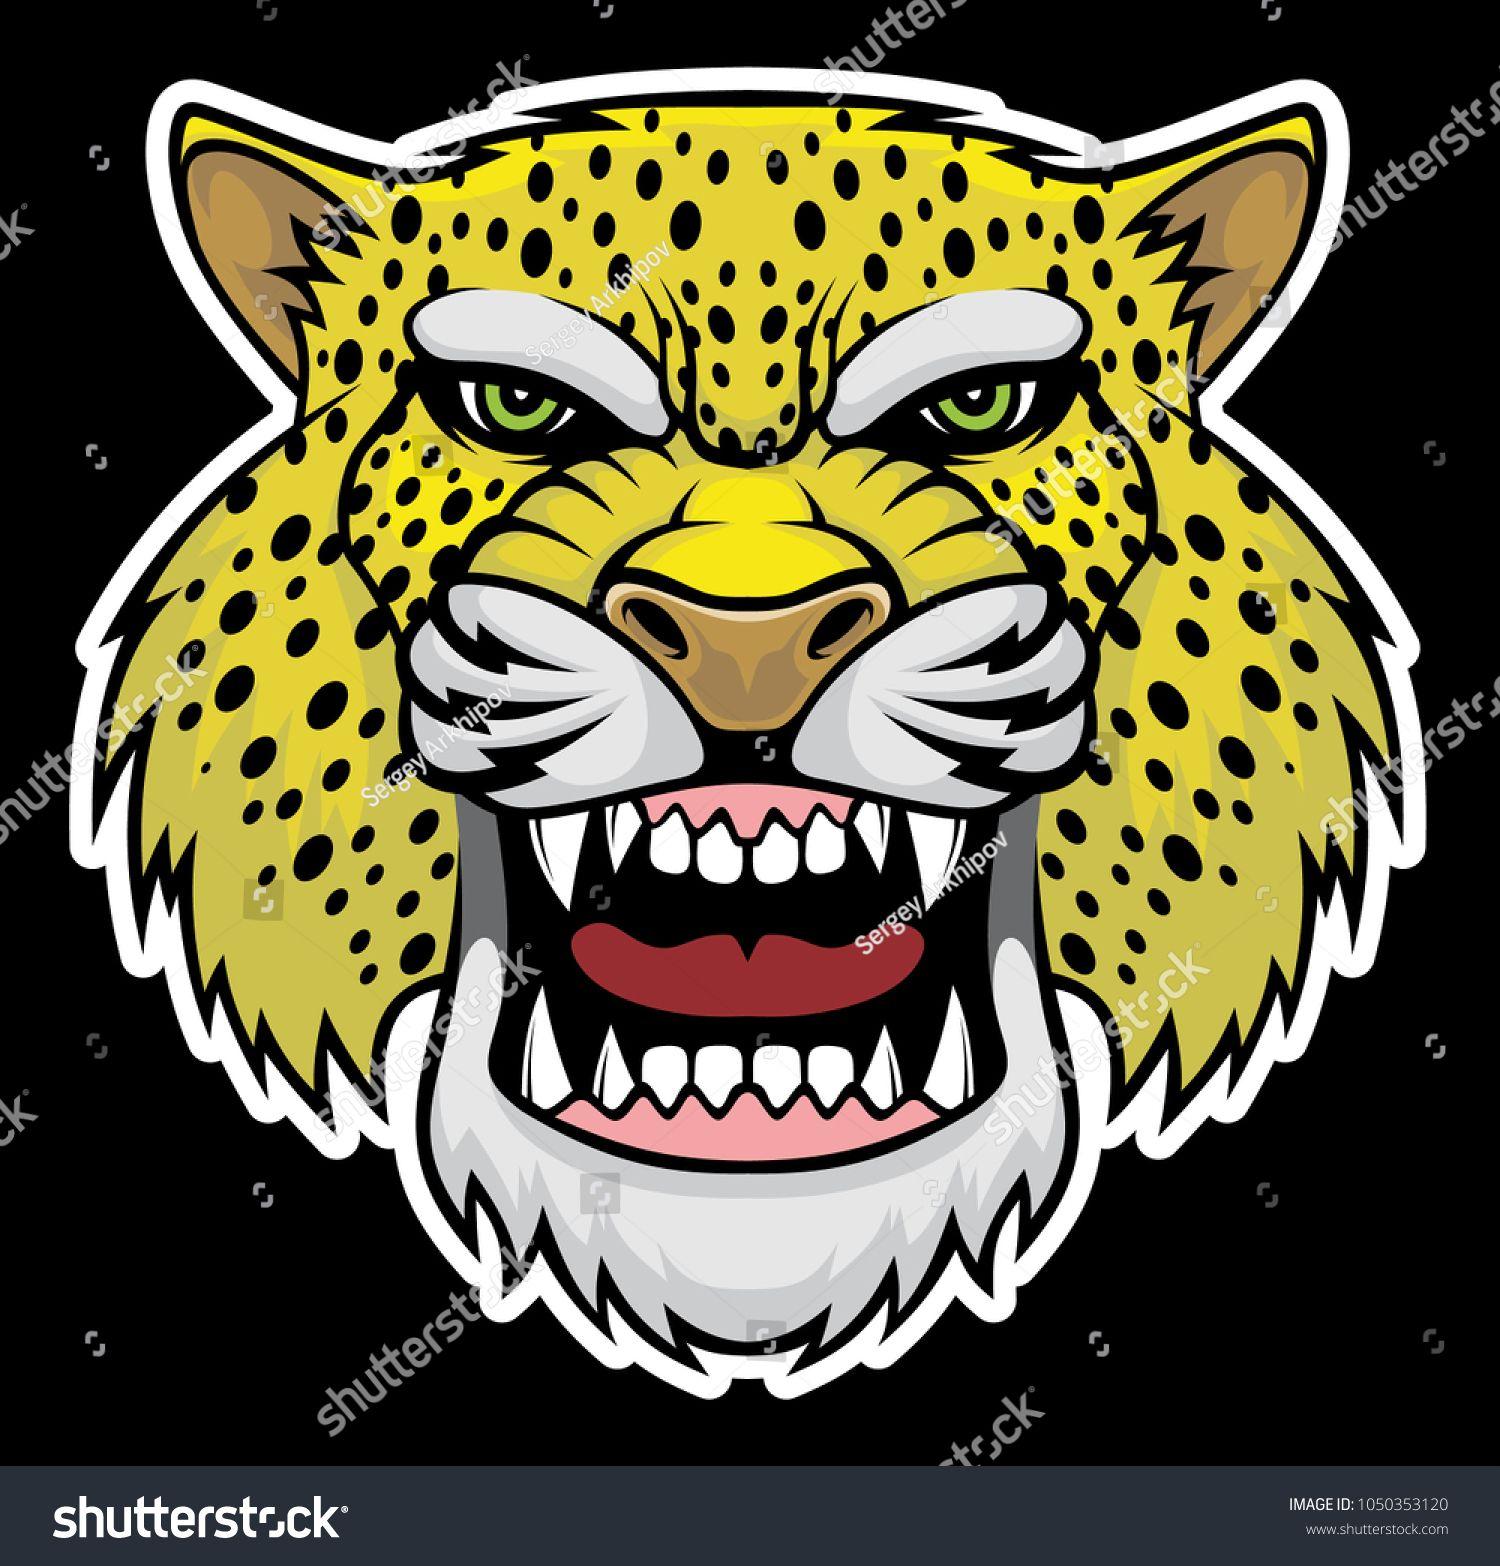 Angry Jaguar: Иллюстрации, Векторная